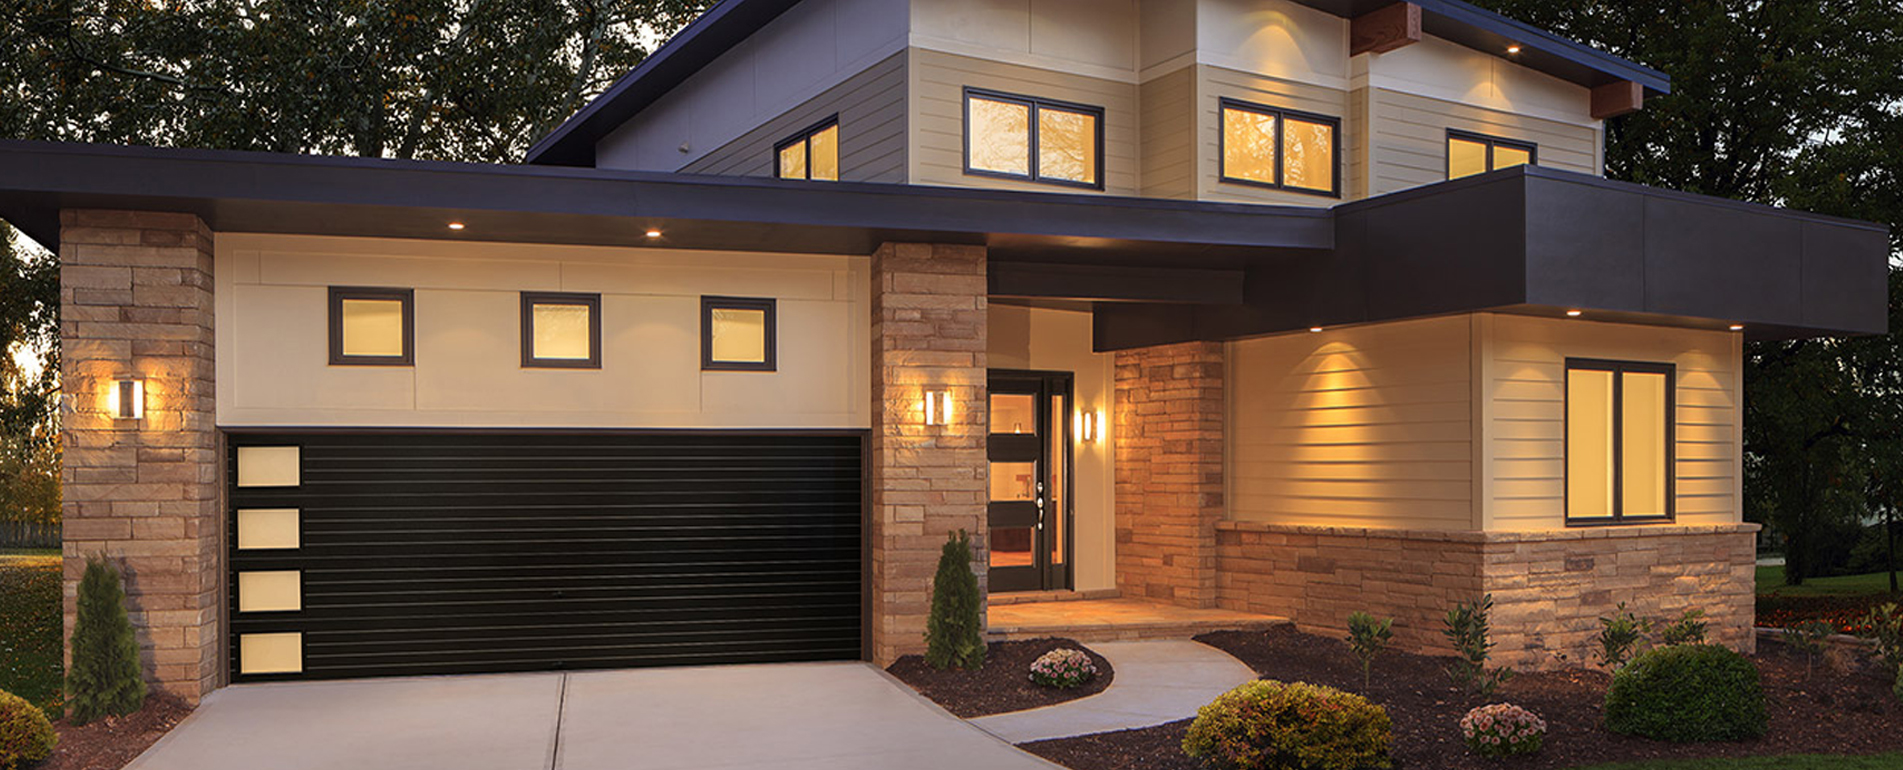 Home Navpoint Garage Doors Ltd